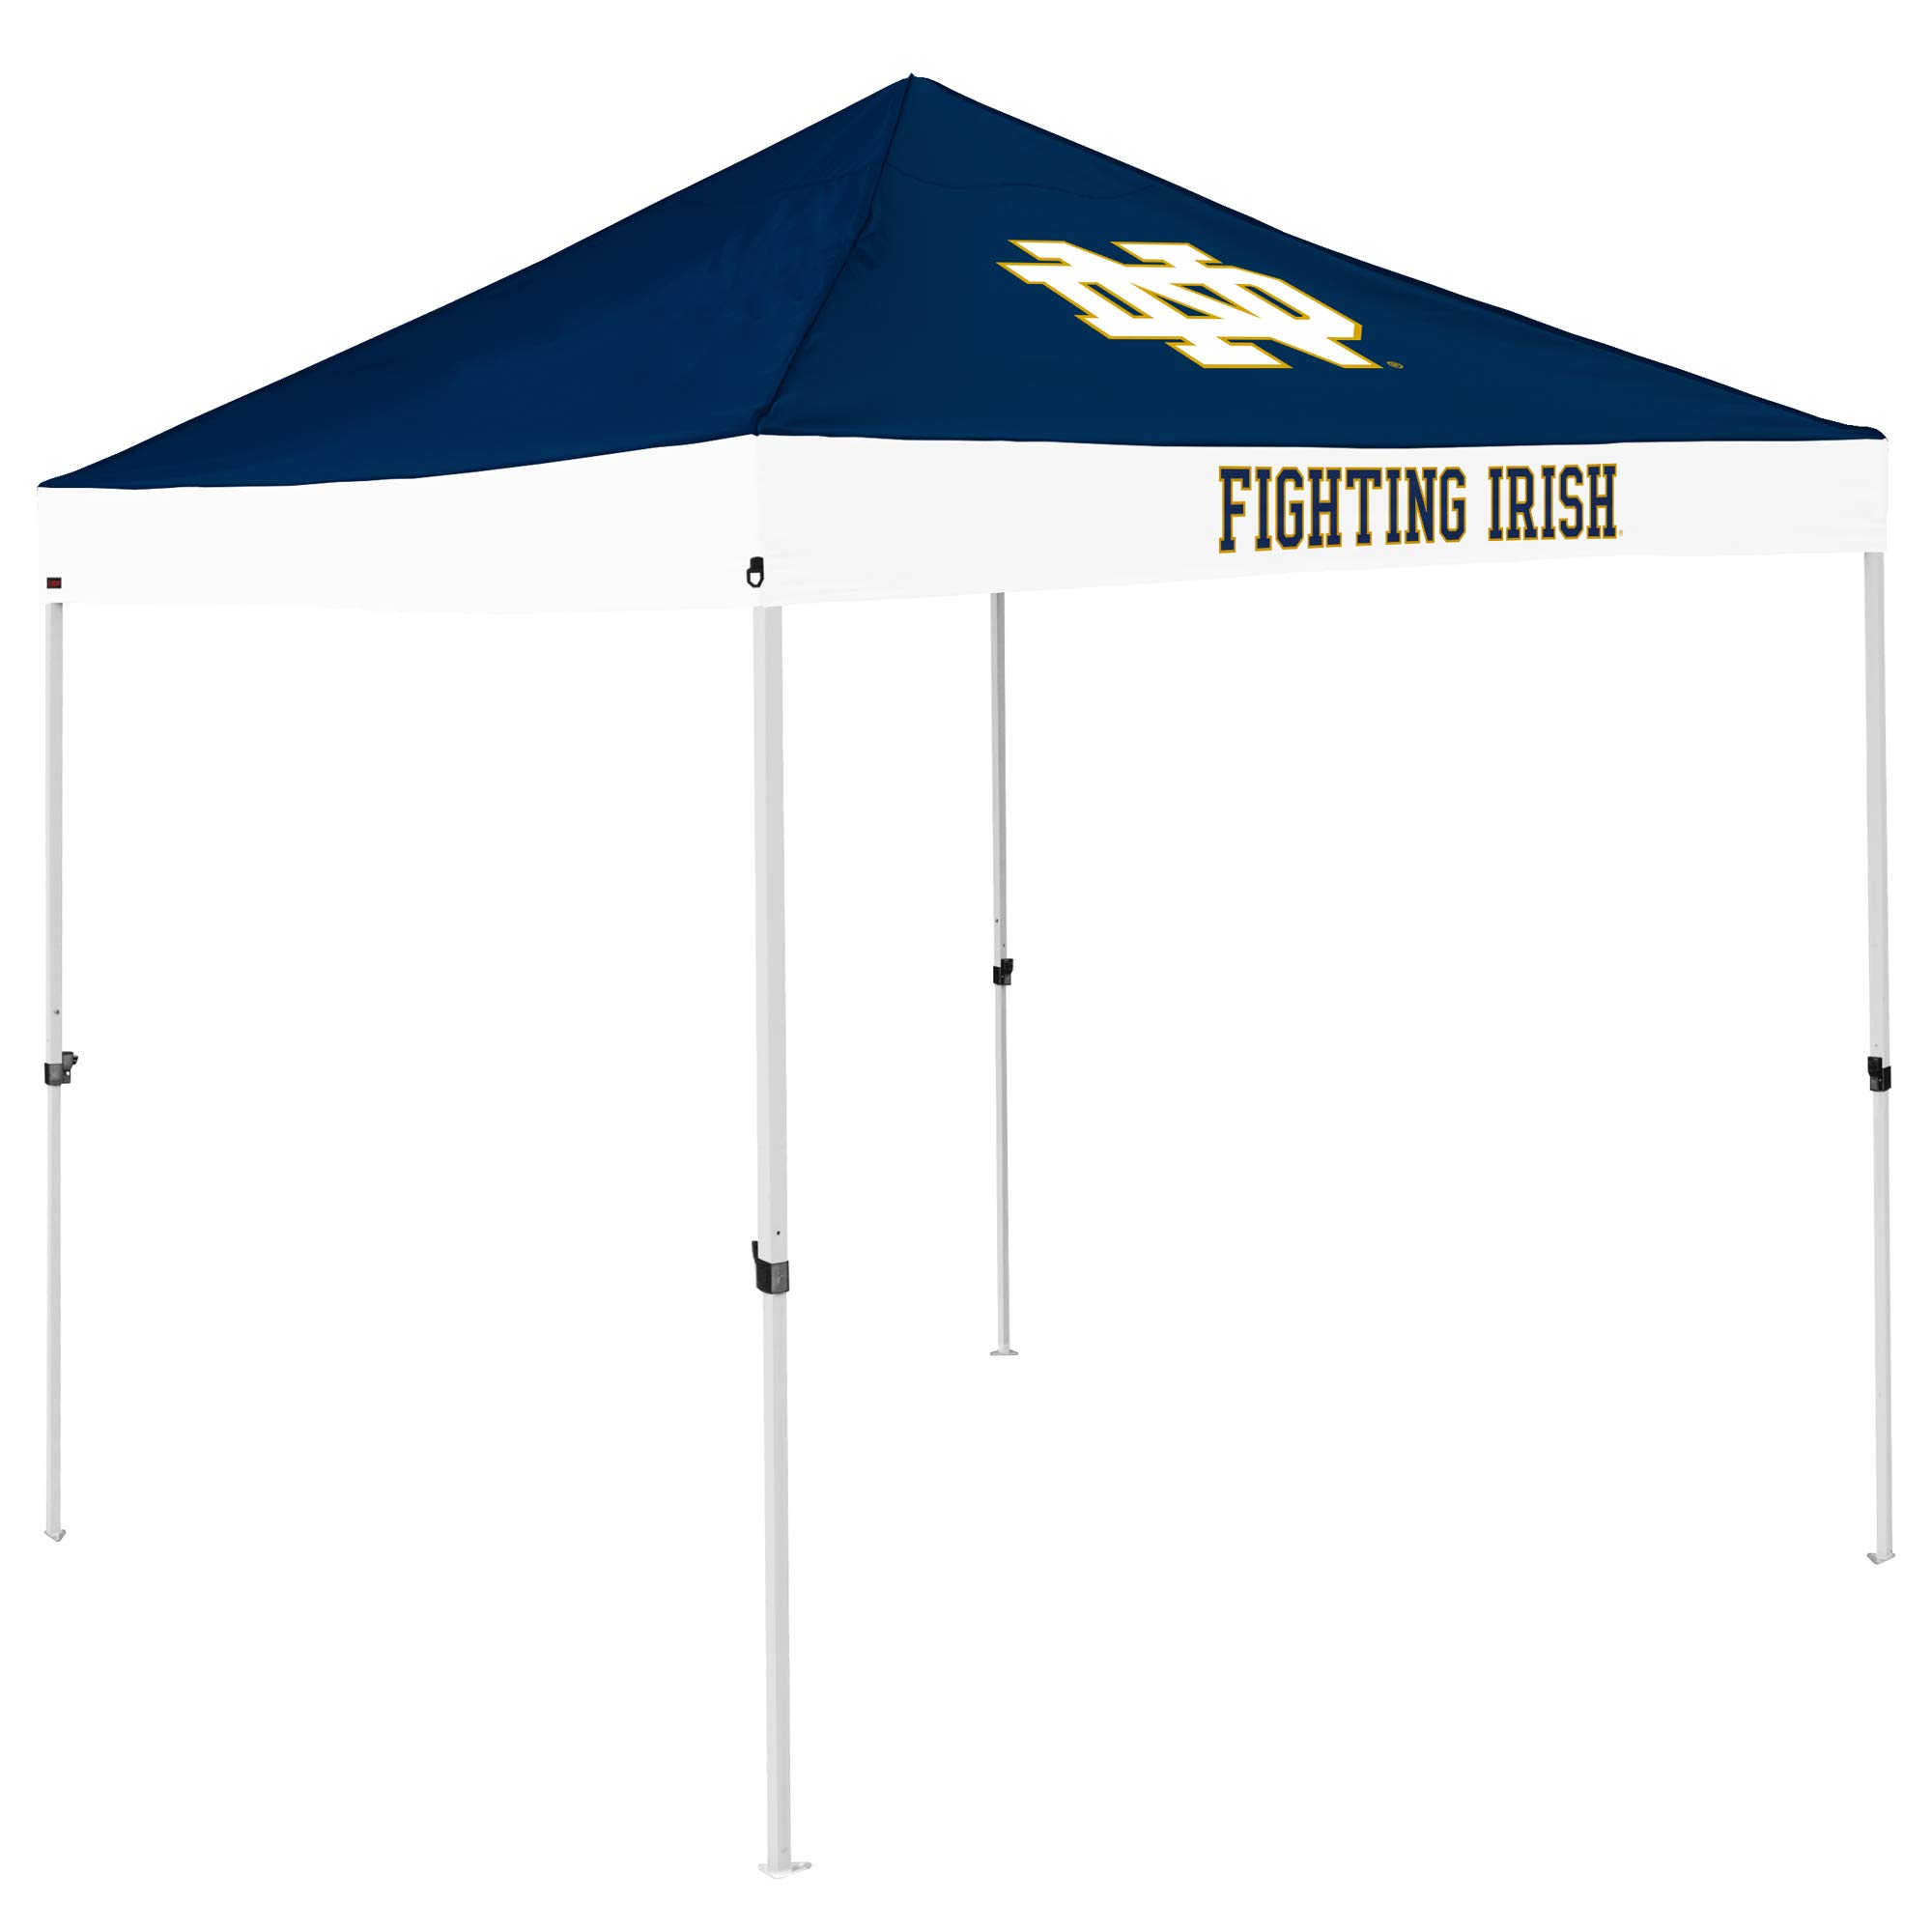 NCAA Notre Dame Fighting Irish Economy Canopy, Navy/White